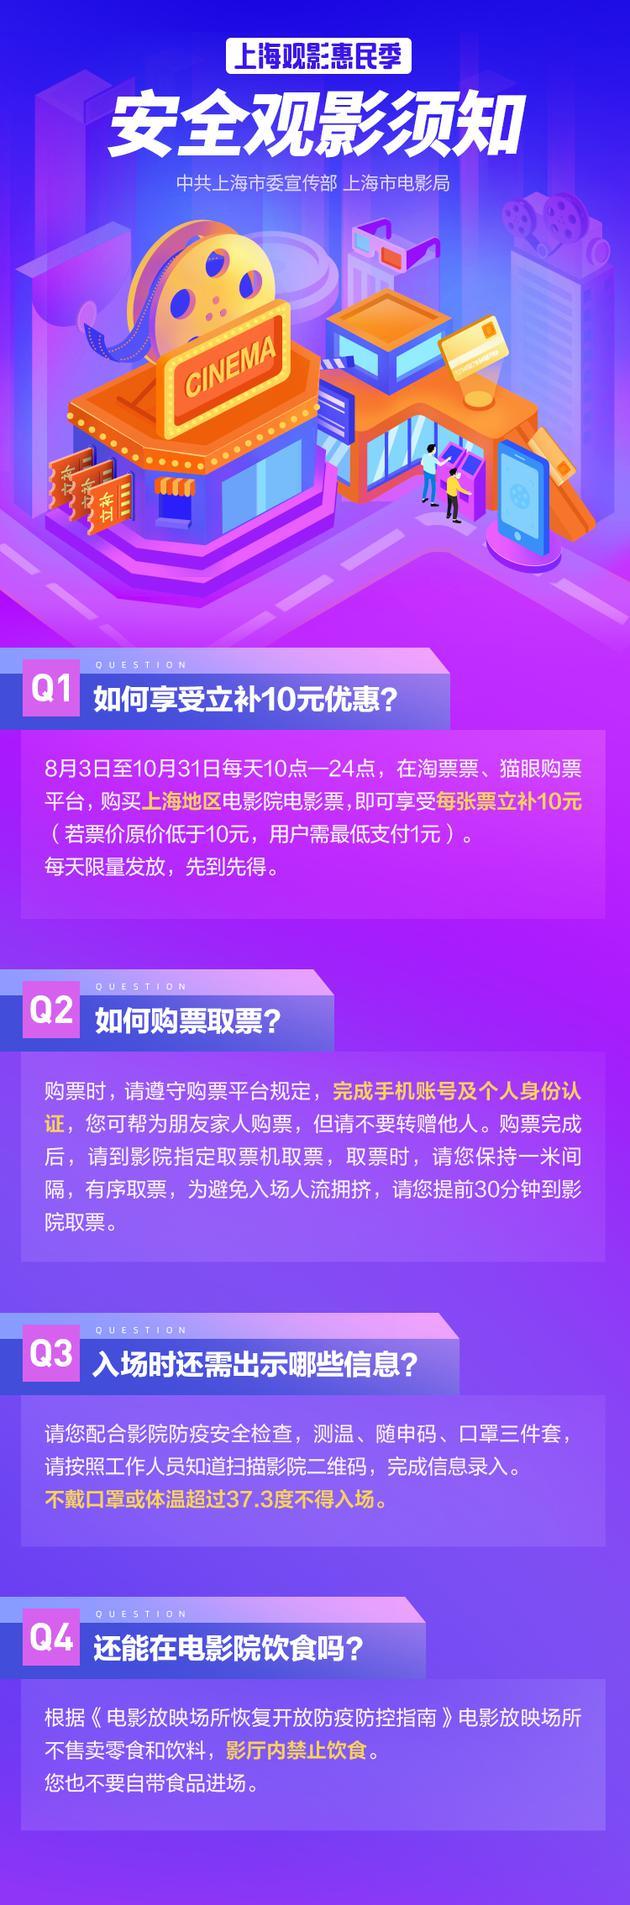 上海补贴市民观影:观众买电影票每张立补10元